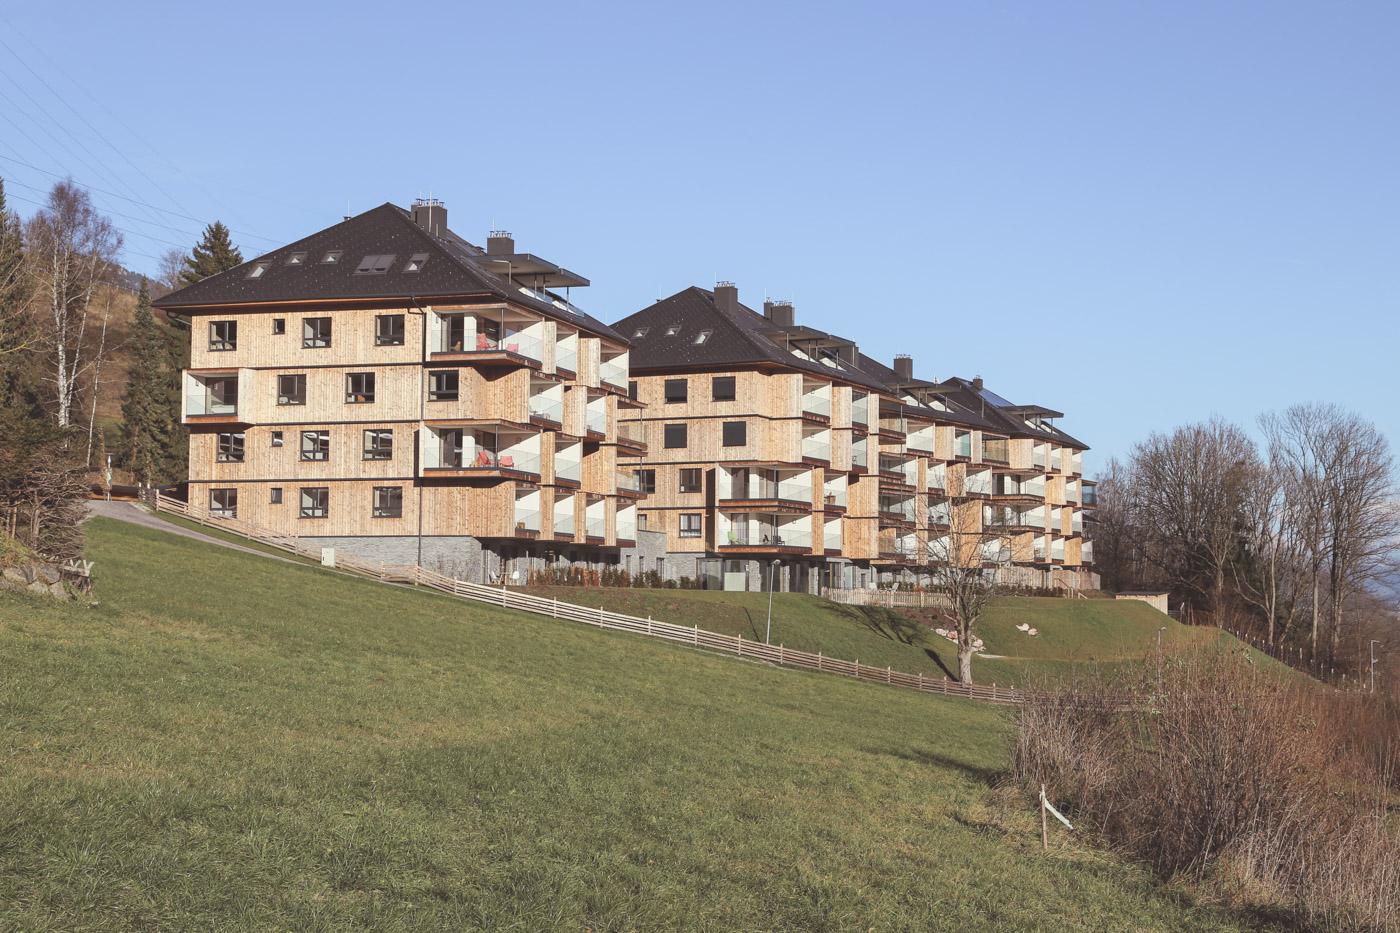 sunlodge-schladming-tischlerei-kotrasch_small-1-2